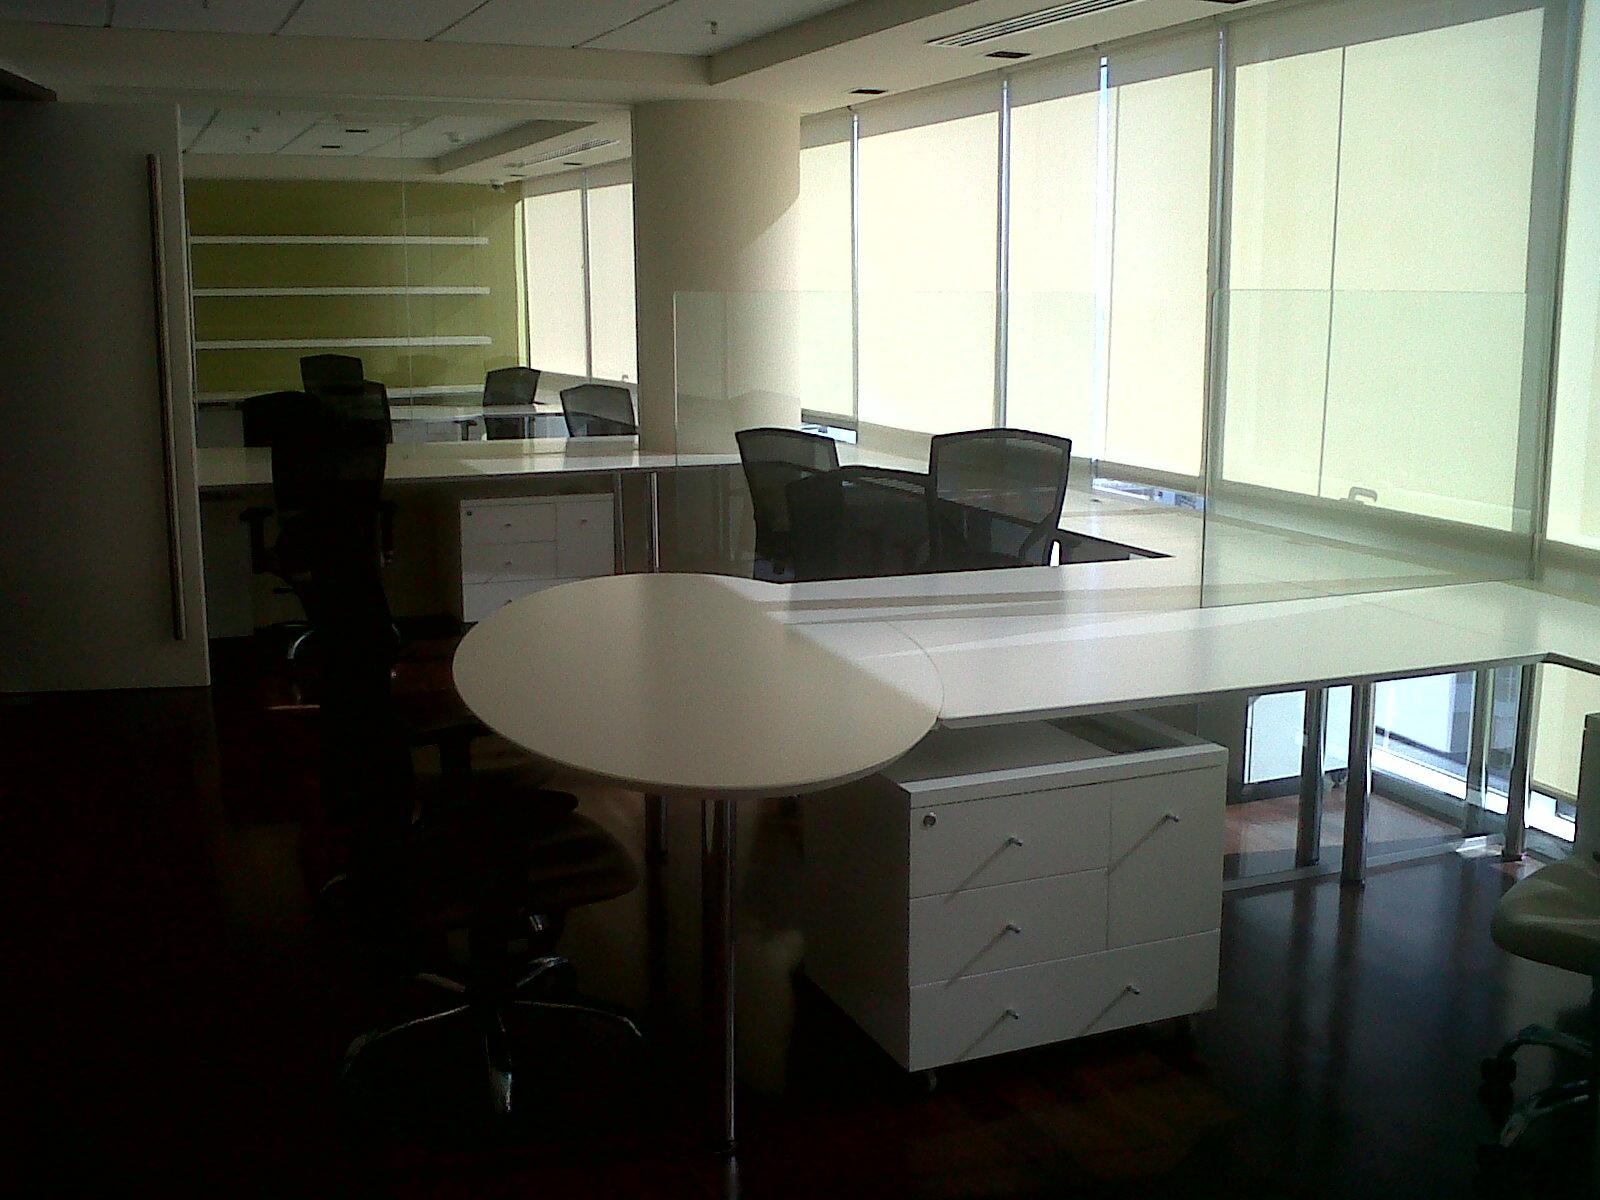 El tayer srl todo para la obra y la reforma oficinas for Muebles capitol